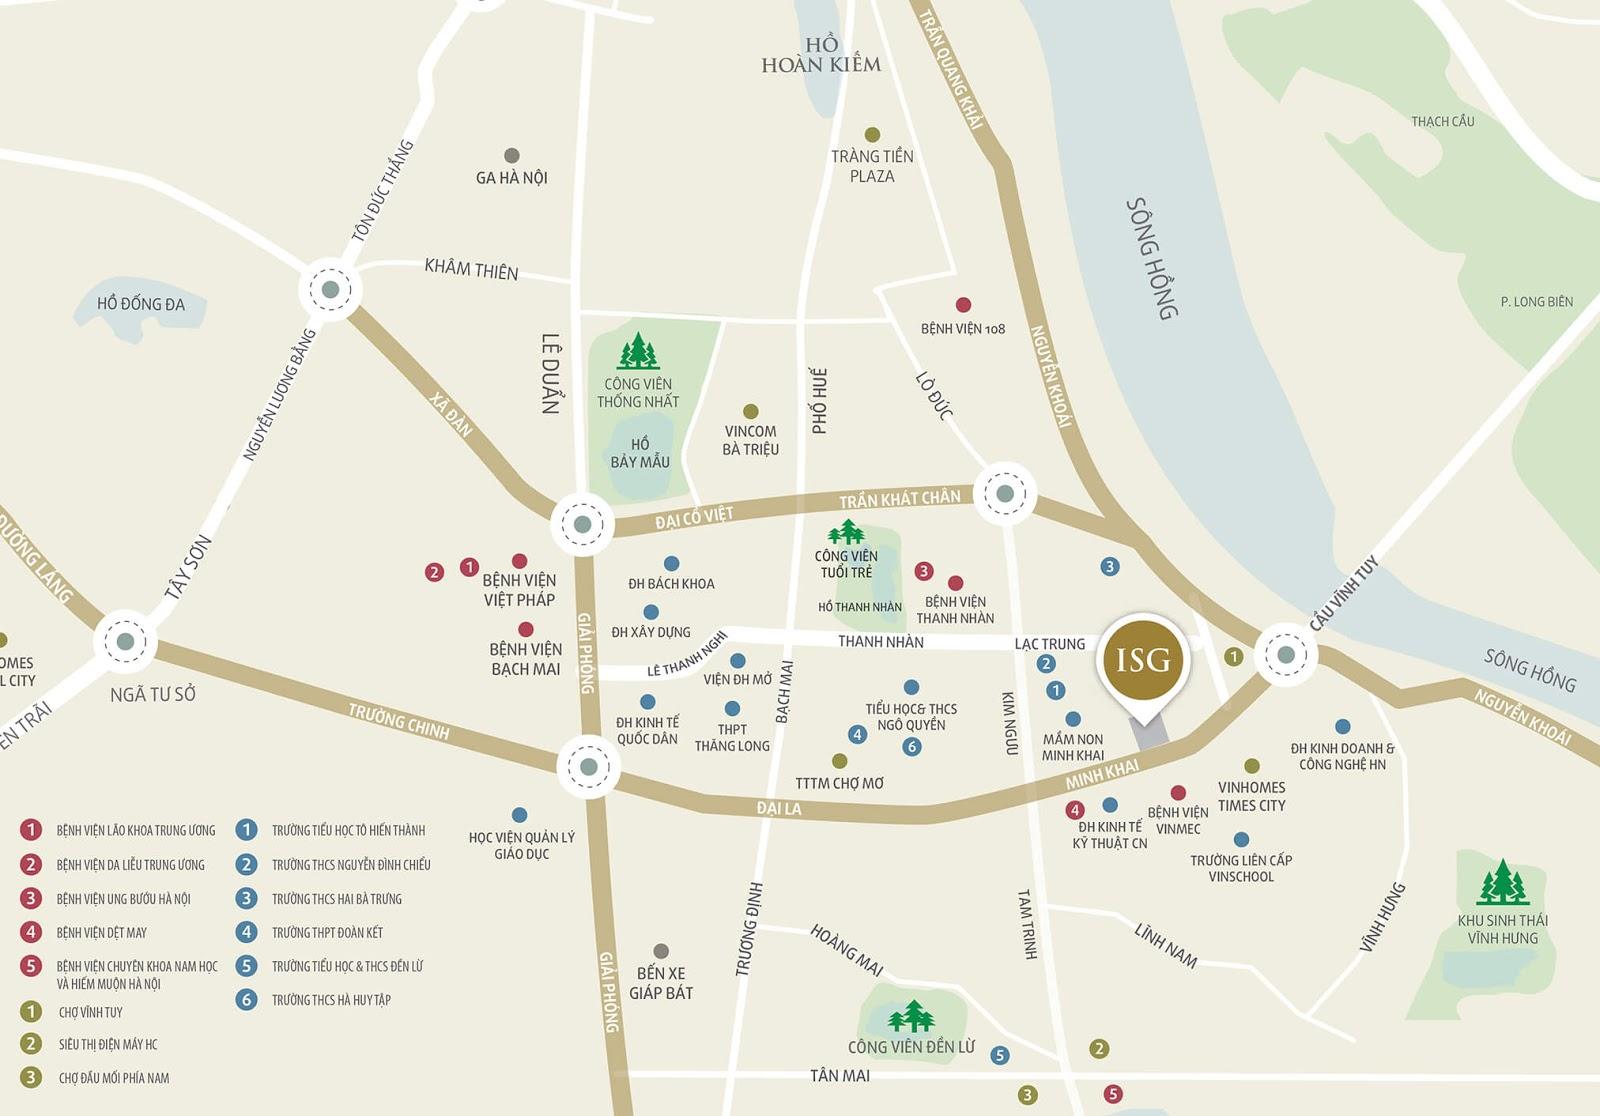 Vị trí dự án chung cư Imperia Sky Garden 423 Minh Khai